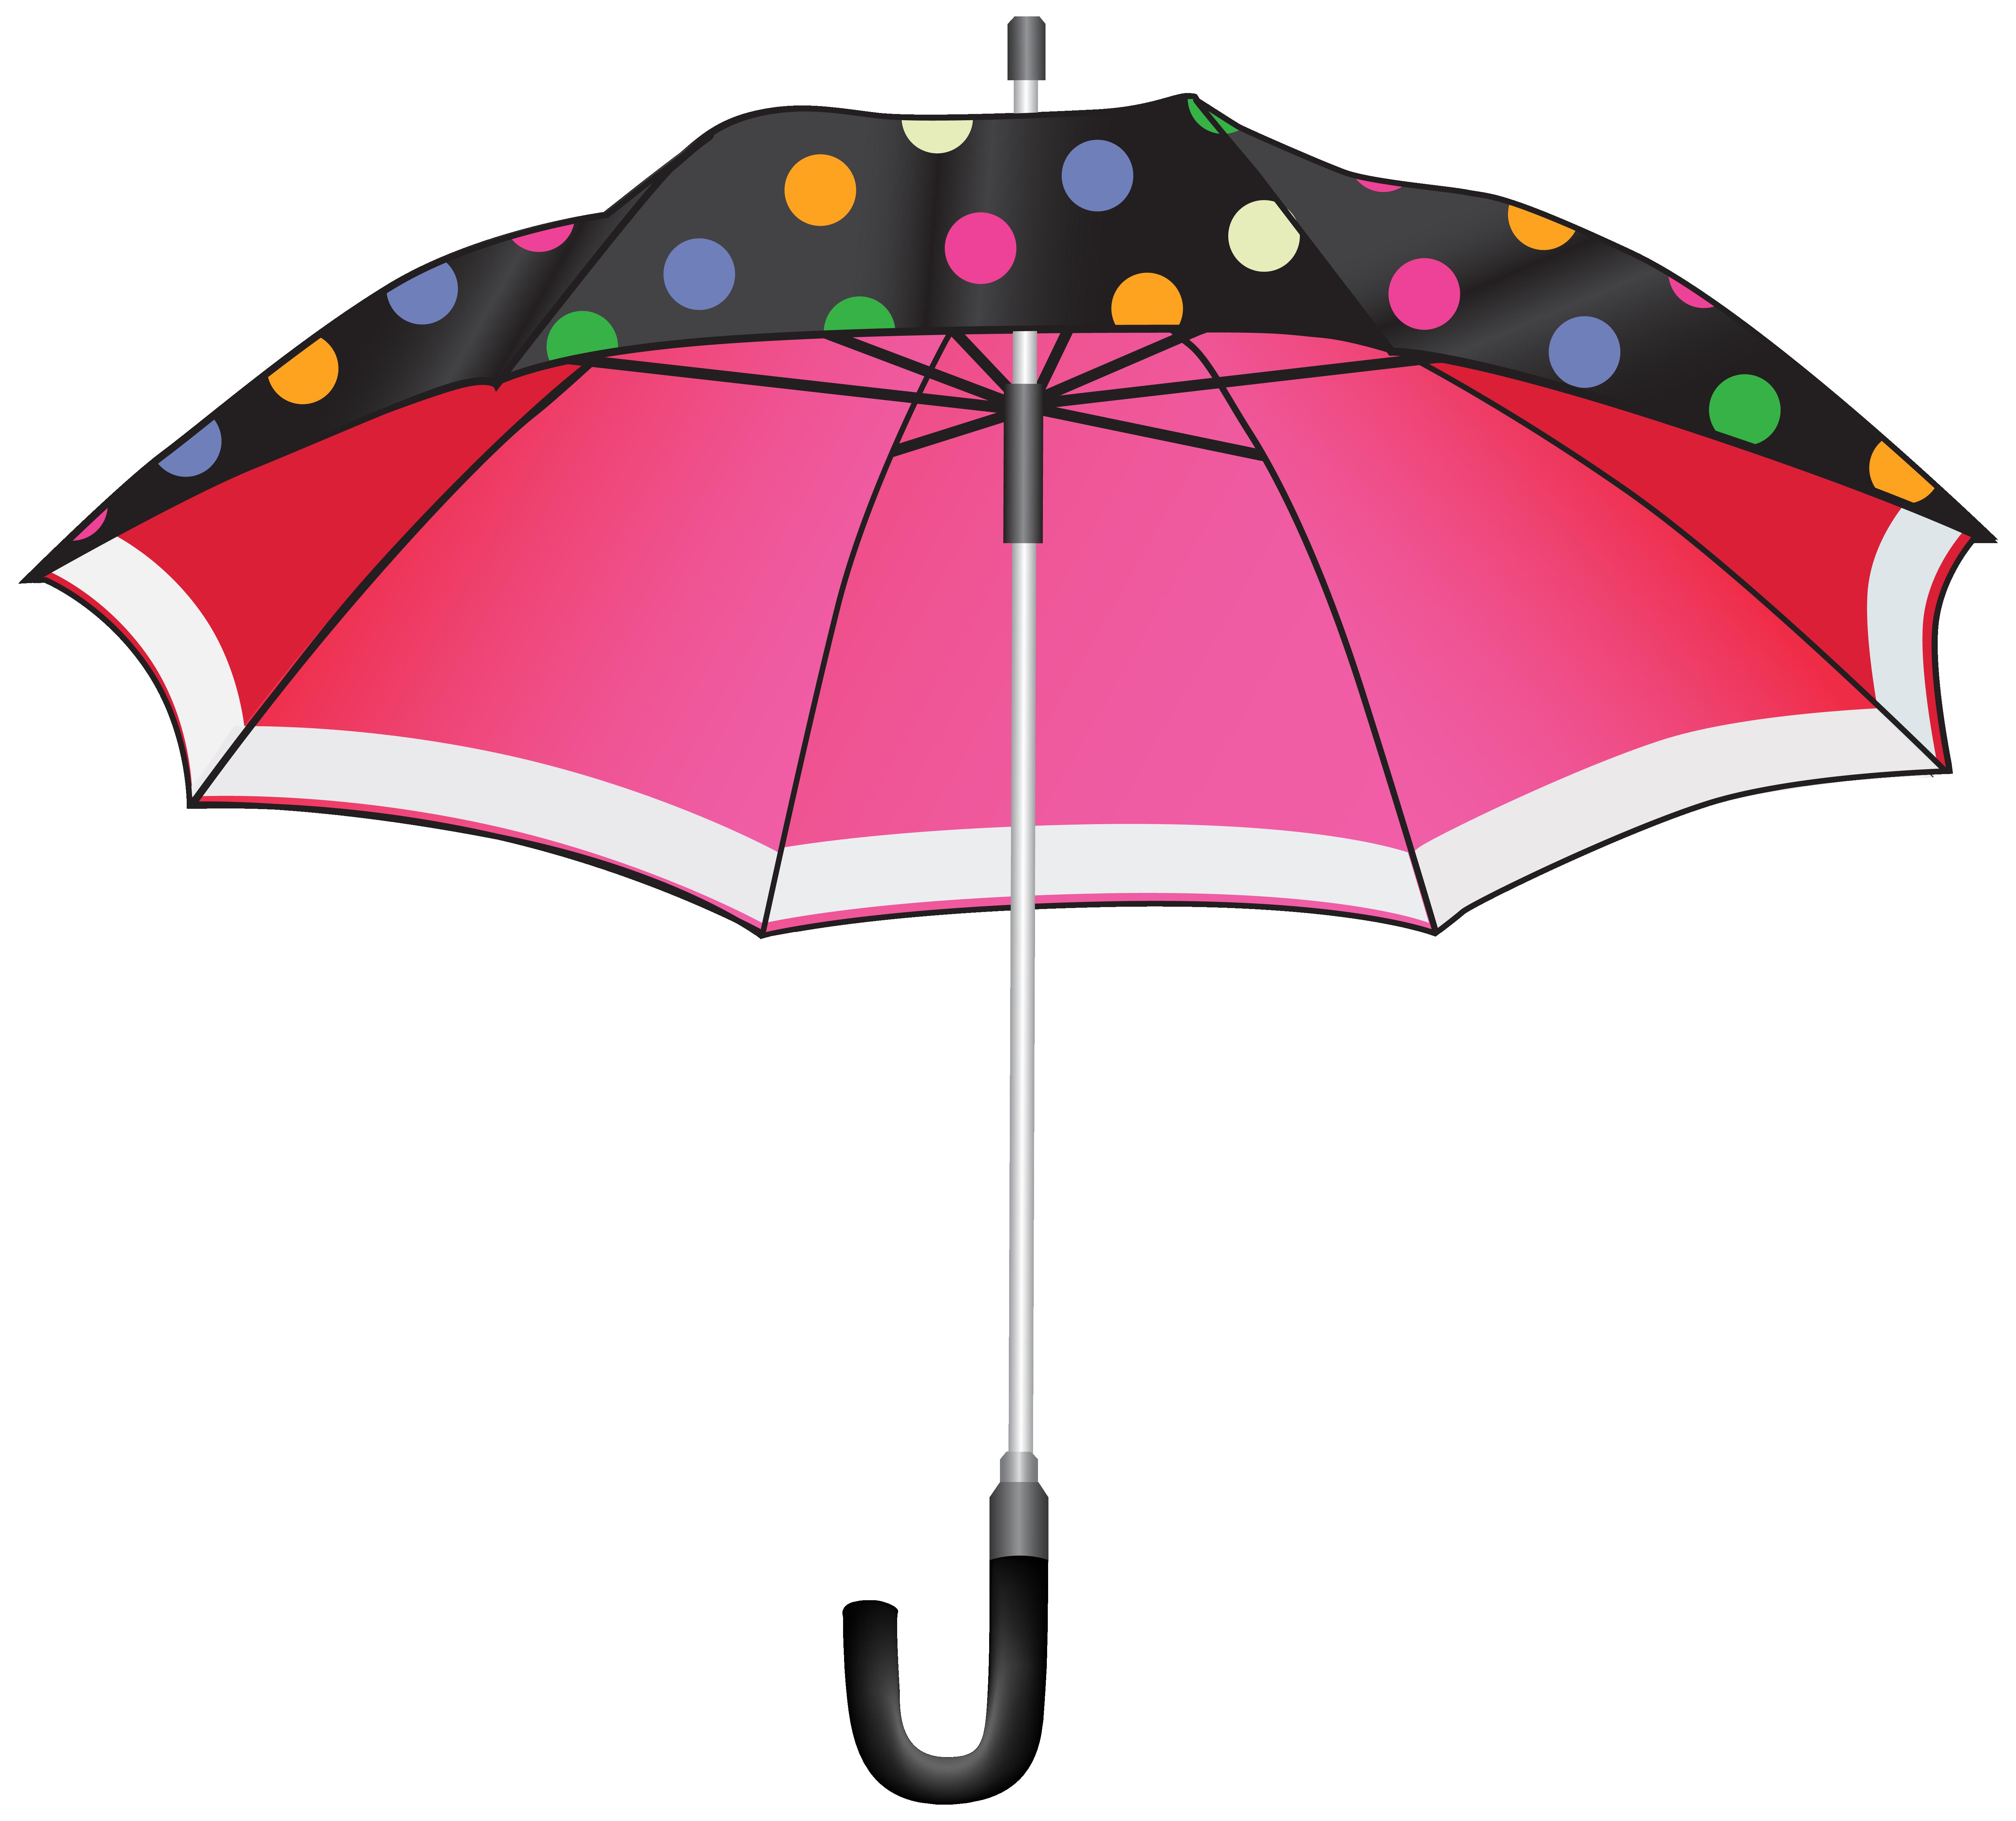 umbrella clipart no background - Clipground